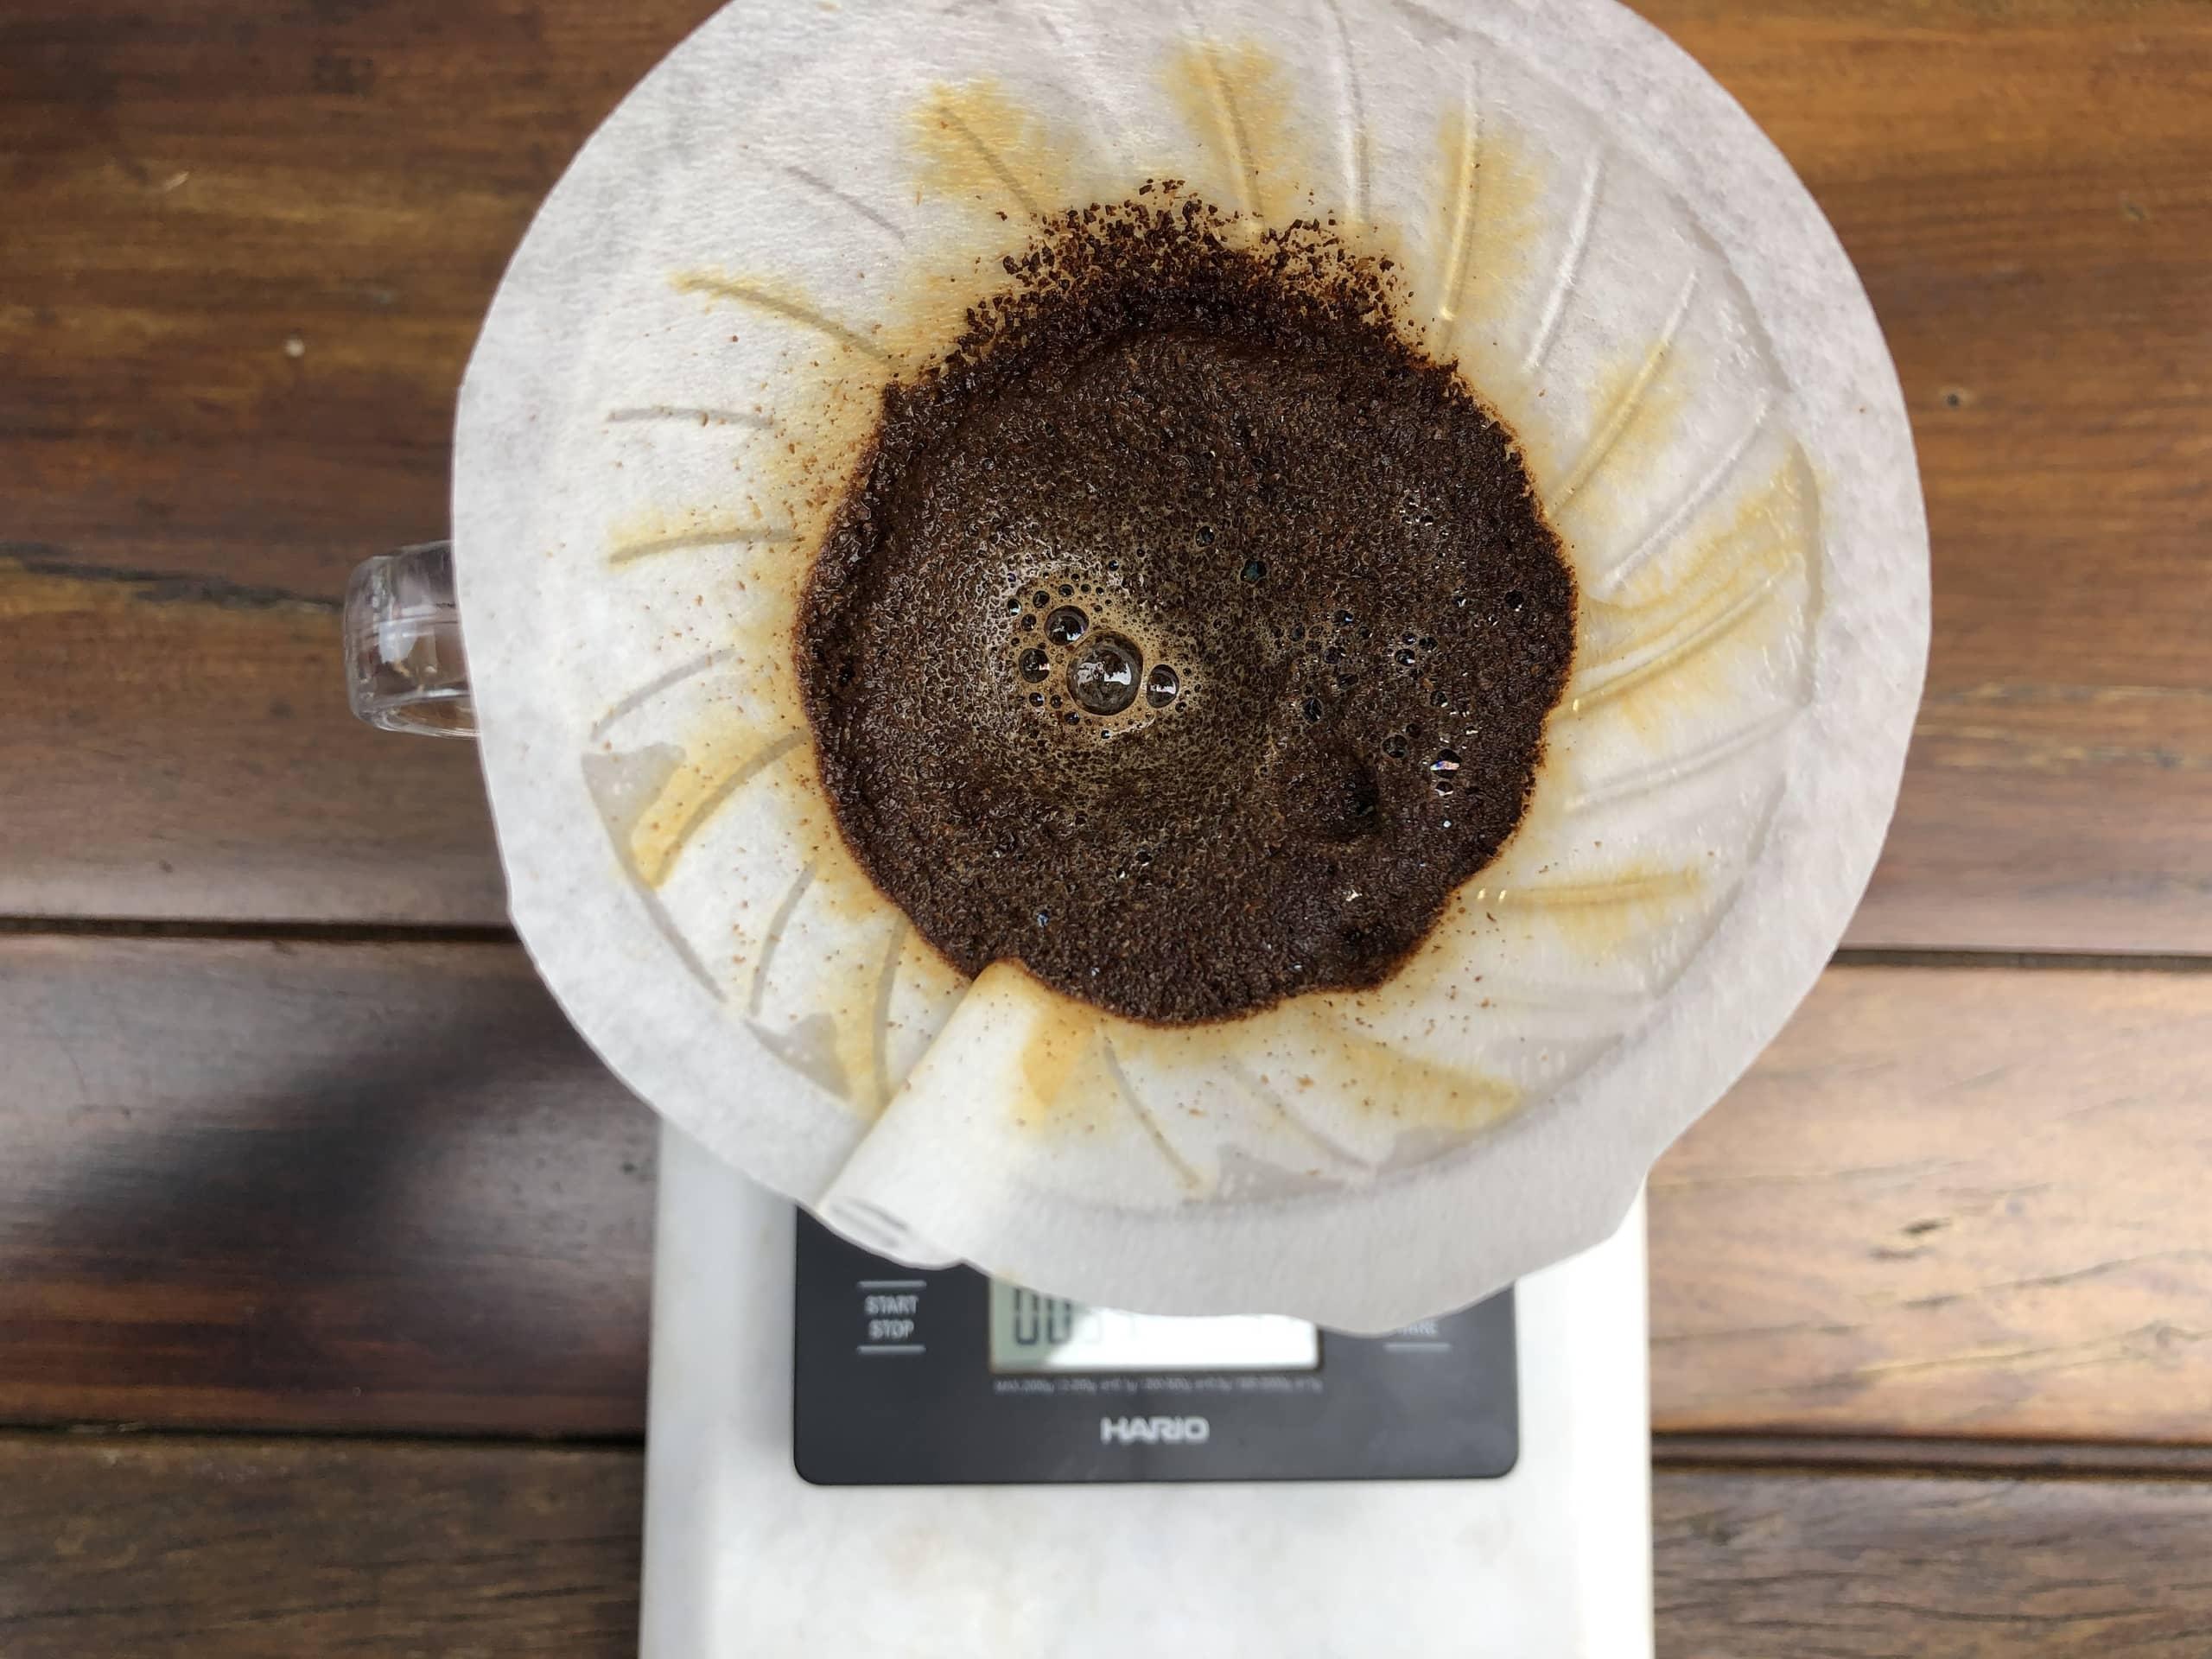 Imagem: Café especial filtrado na Hario V60. O ideal é que essa segunda queda de água seja feita com movimentos circulares, quase até a boca do filtro, para criar uma parede de pó de café no filtro. Foto: Arquiteca Projetos Afetivos.